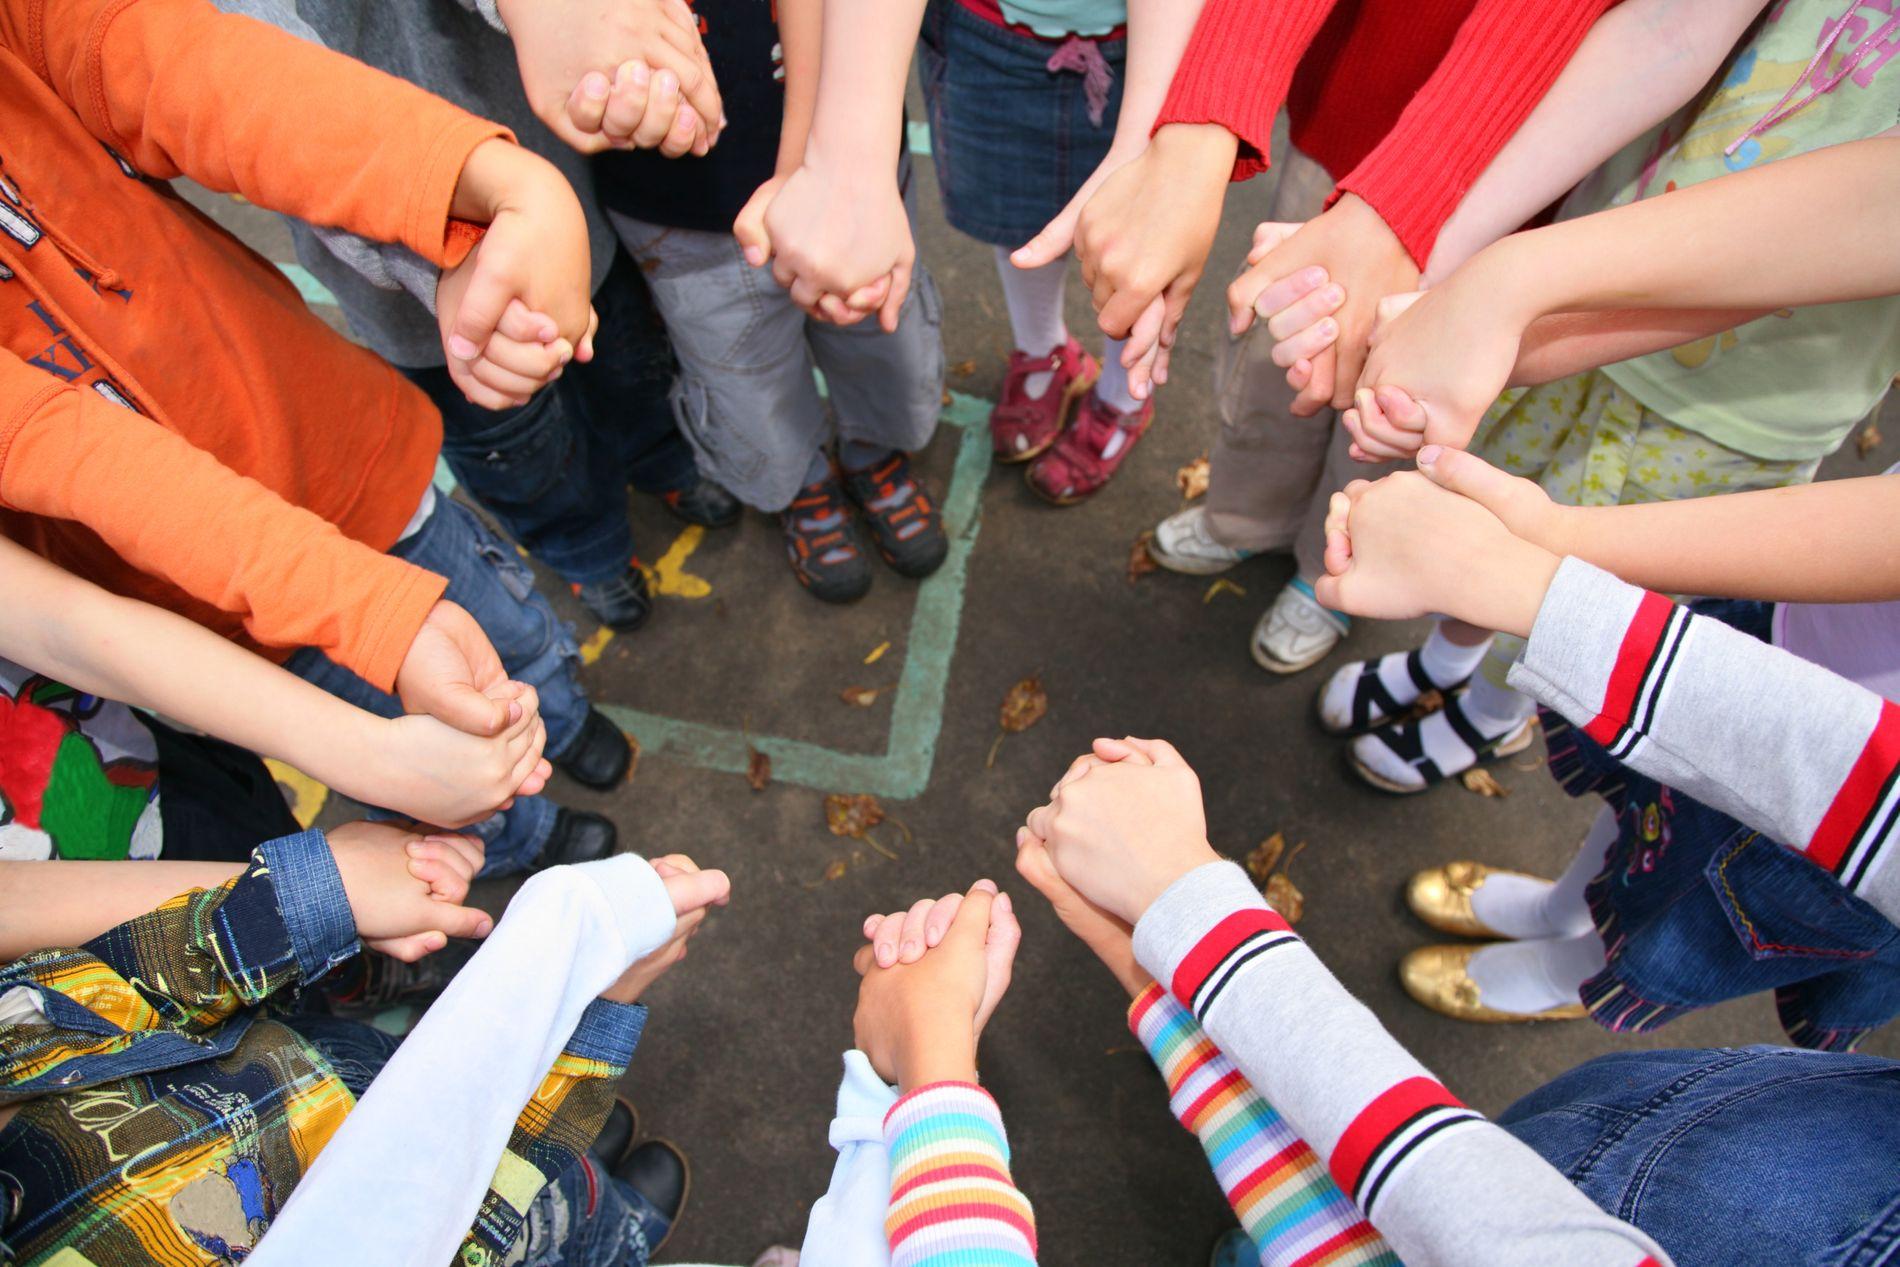 HOLDER IKKE:  I løpet av tre år på lærerskolen har tema om psykisk helse utgjort omtrent 10 prosent av pedagogikkfaget, det vil si åtte forelesninger i løpet av tre år.  Det gir oss verken den nødvendige kunnskapen eller tro på egne ferdigheter, skriver innsenderne.